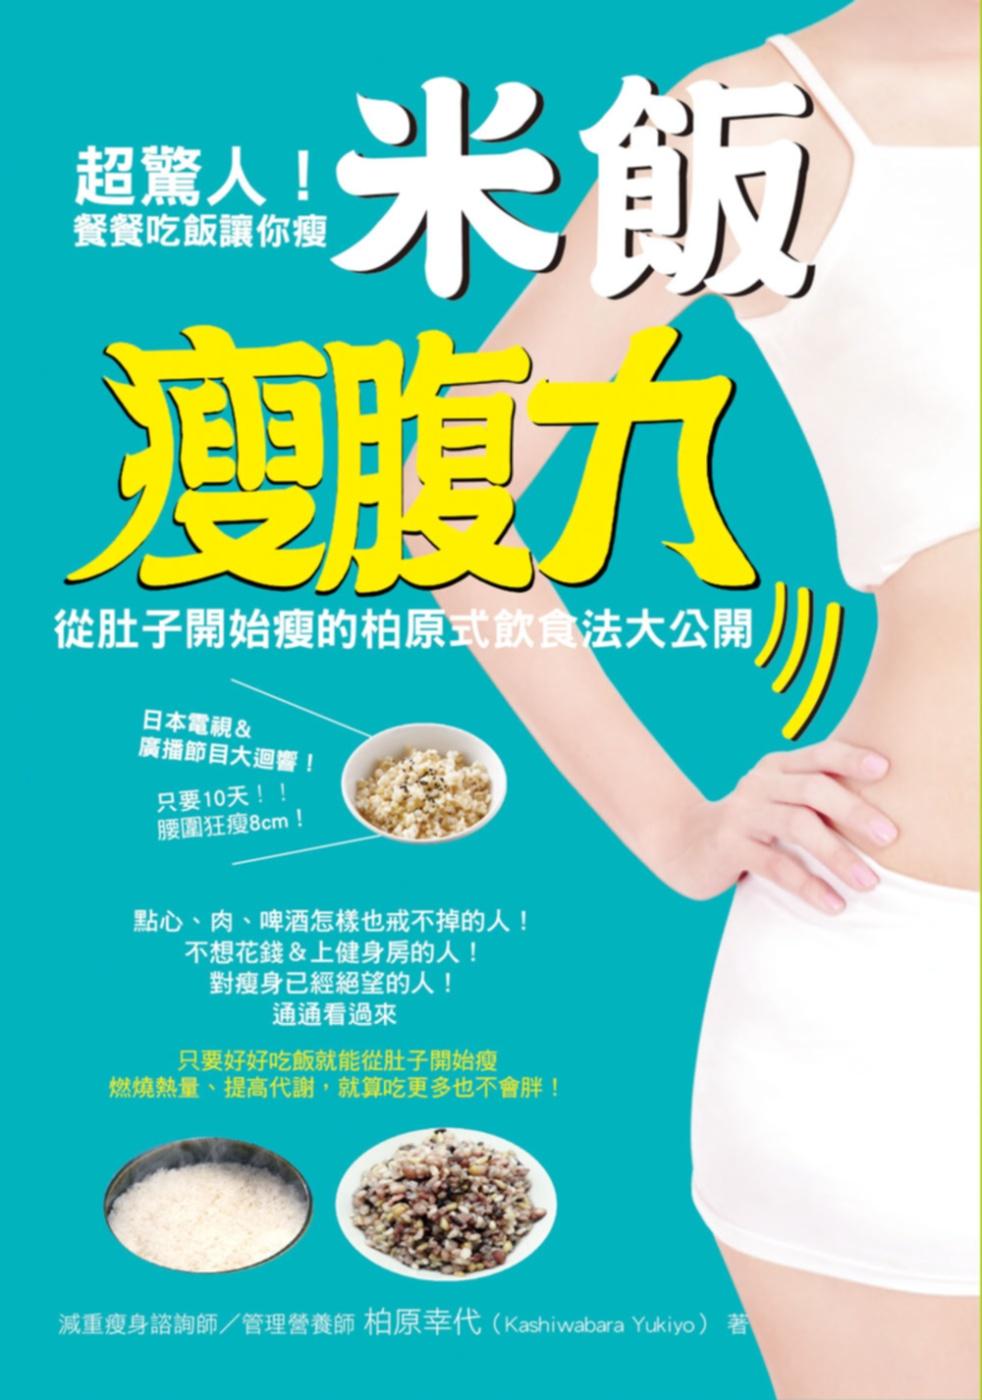 超驚人!餐餐吃飯讓你瘦!米飯瘦腹力:從肚子開始瘦的柏原式飲食法大公開